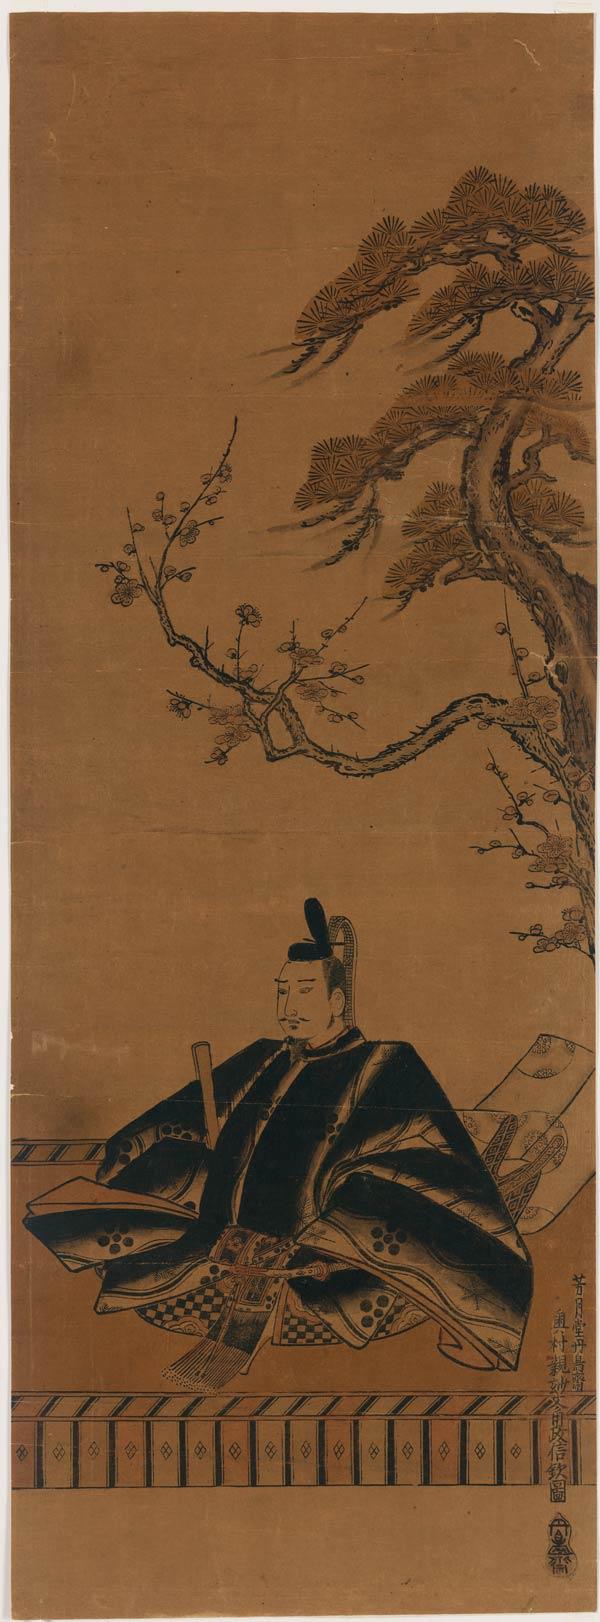 Fine-print japonesa criado/publicado entre 1741 e 1751